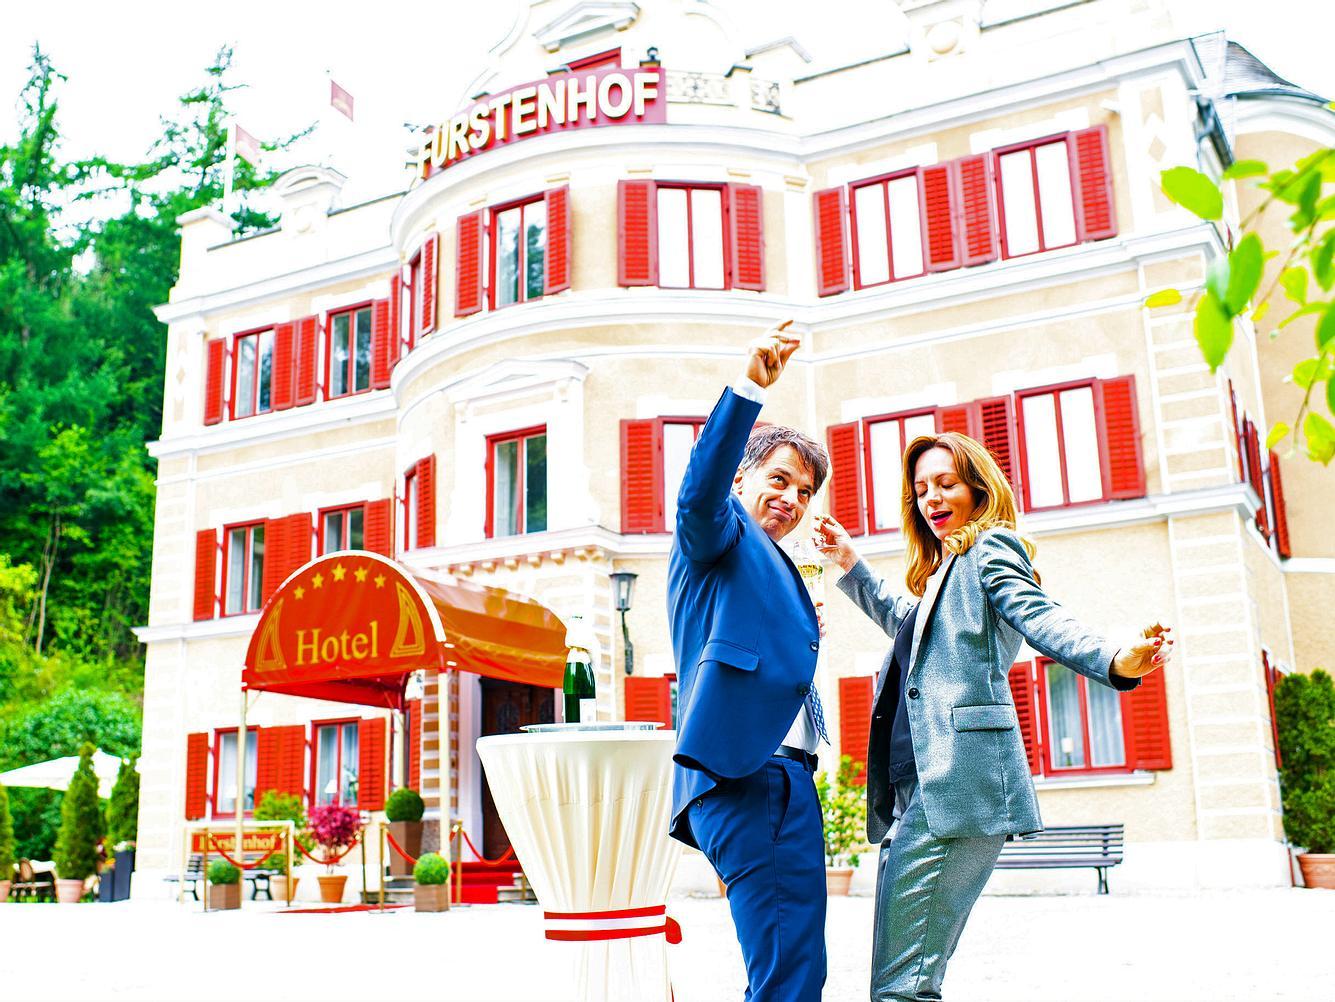 Robert und Ariane tanzen vor dem Fürstenhof von 'Sturm der Liebe'.